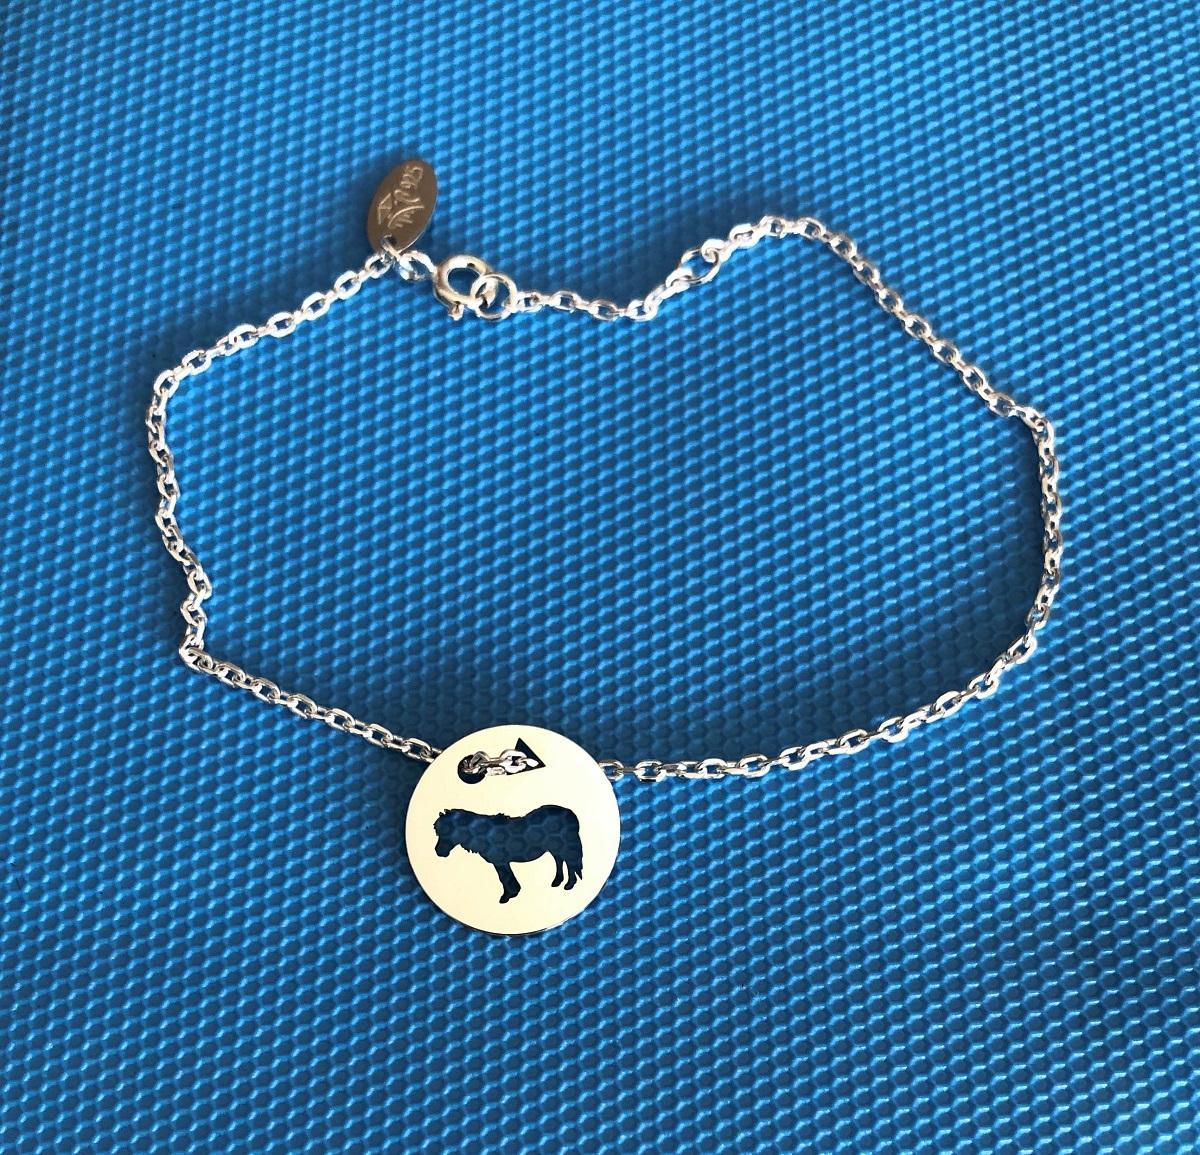 Poney brac chaine f bleu